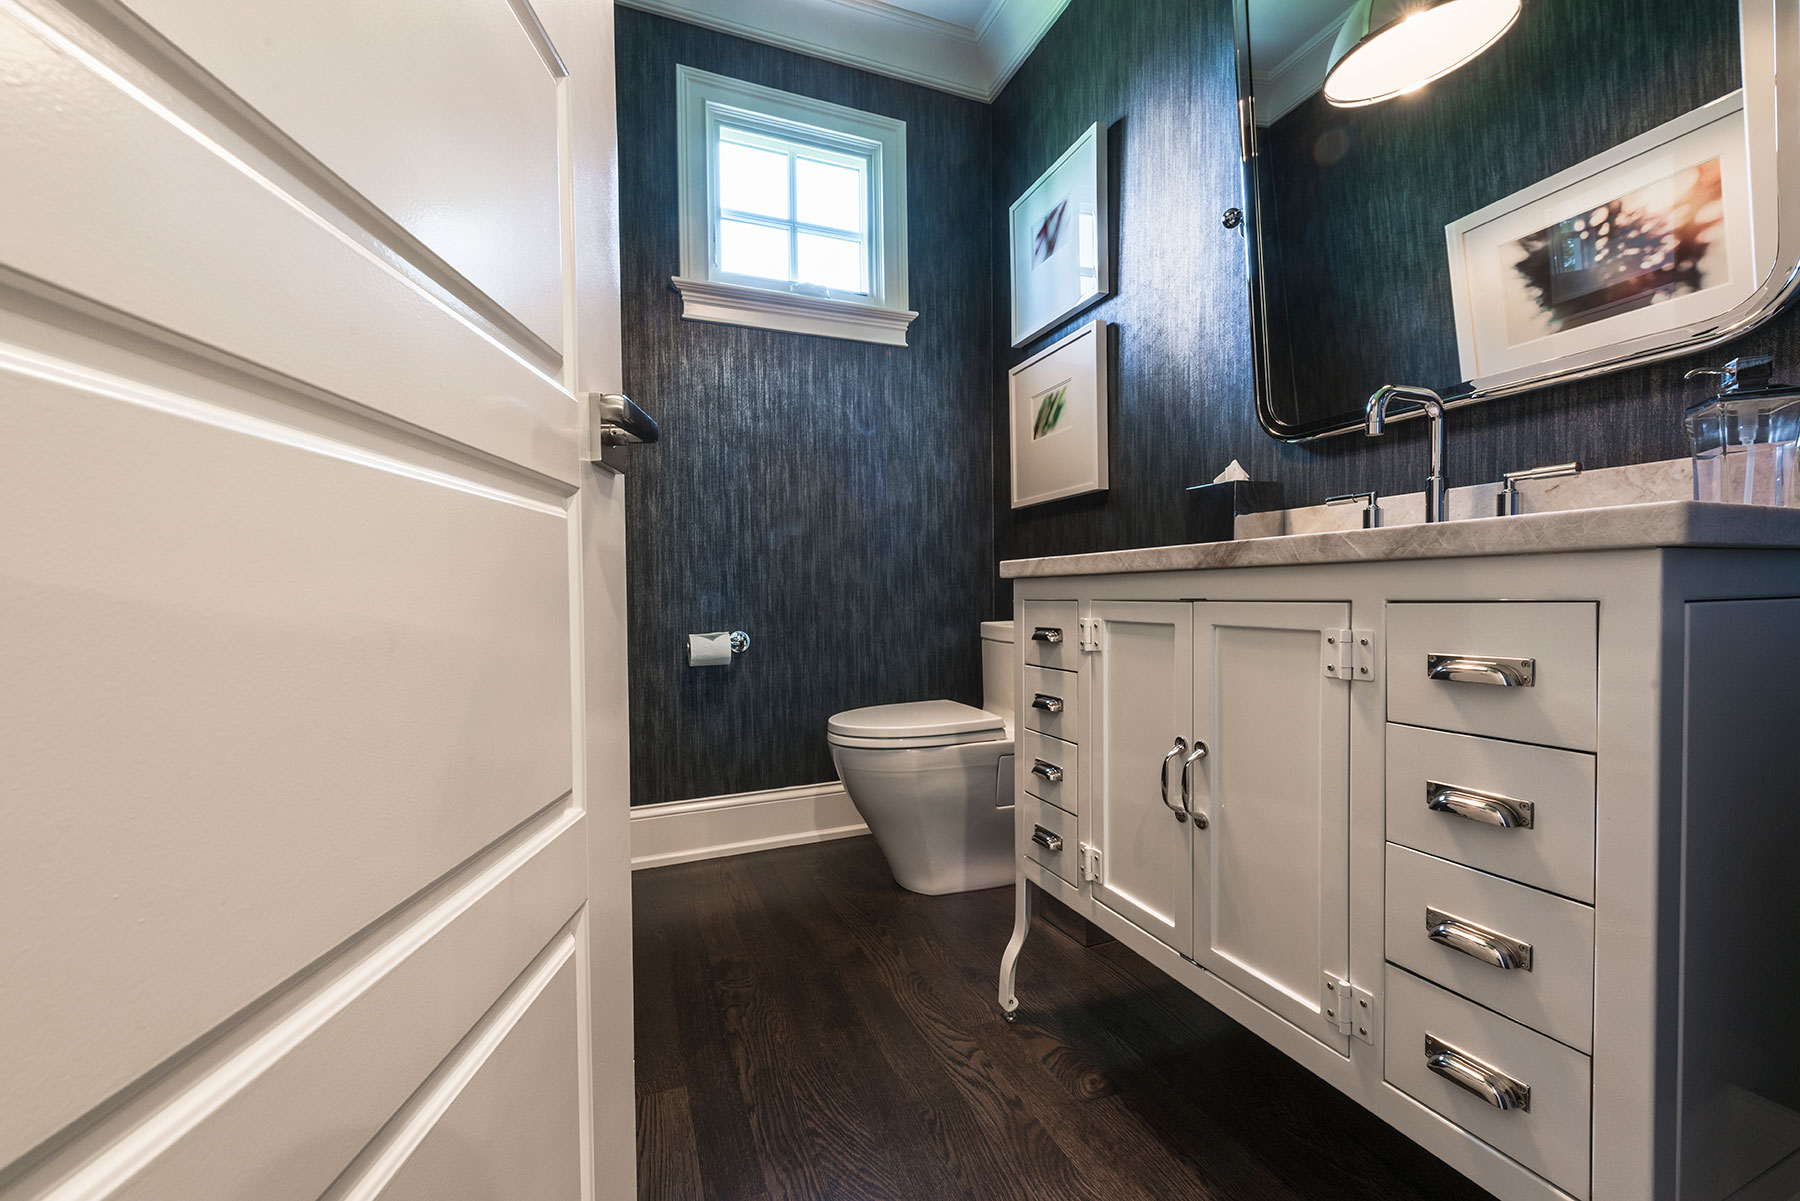 Custom Wood Interior Doors | Paint Grade MDF Powder Room Door Detail with Raised Panel  - Glenview Doors - Custom Doors in Chicago